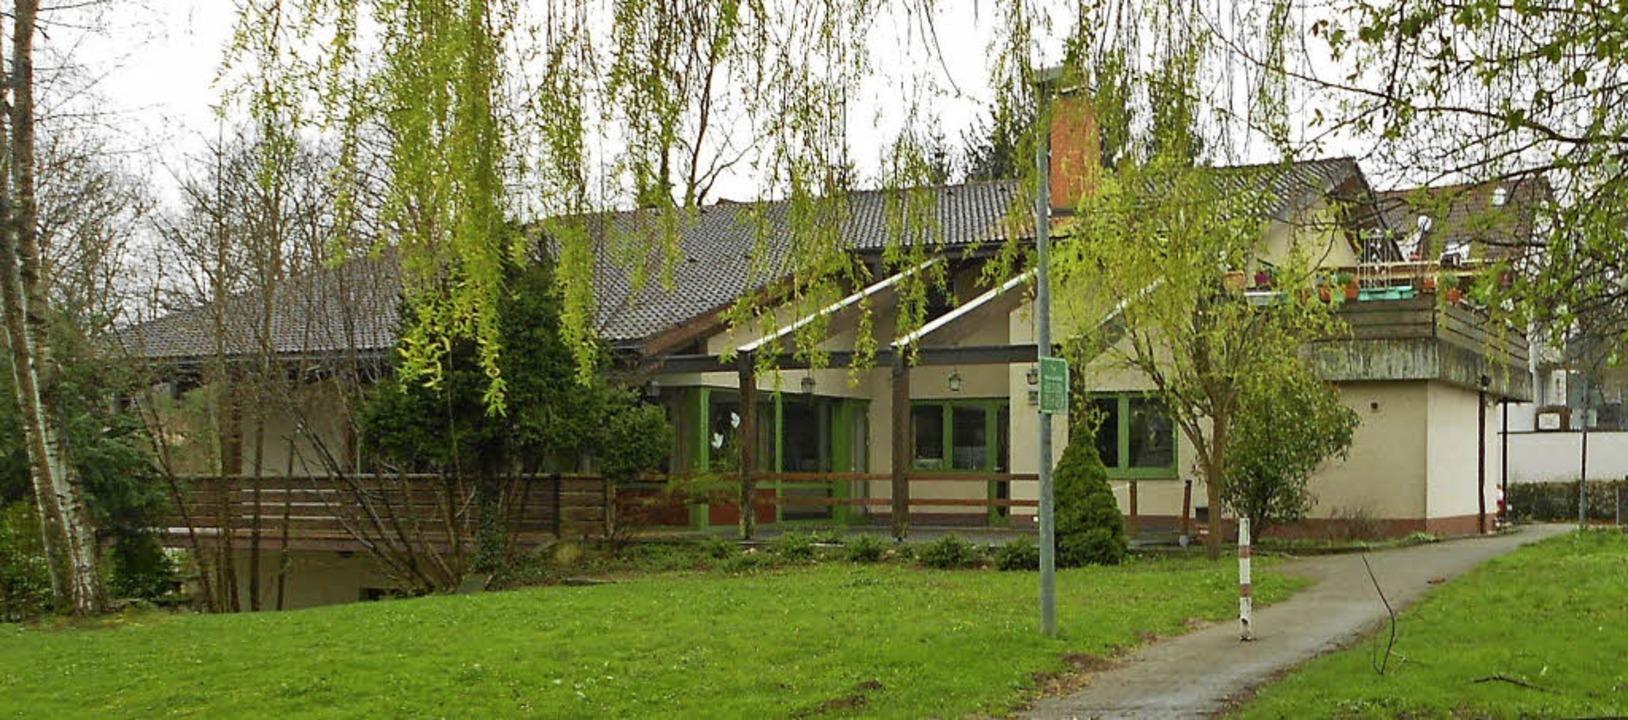 Das Zentrum  der evangelischen Kirchengemeinde ist eigentlich zu groß geworden.   | Foto: Victoria Langelott